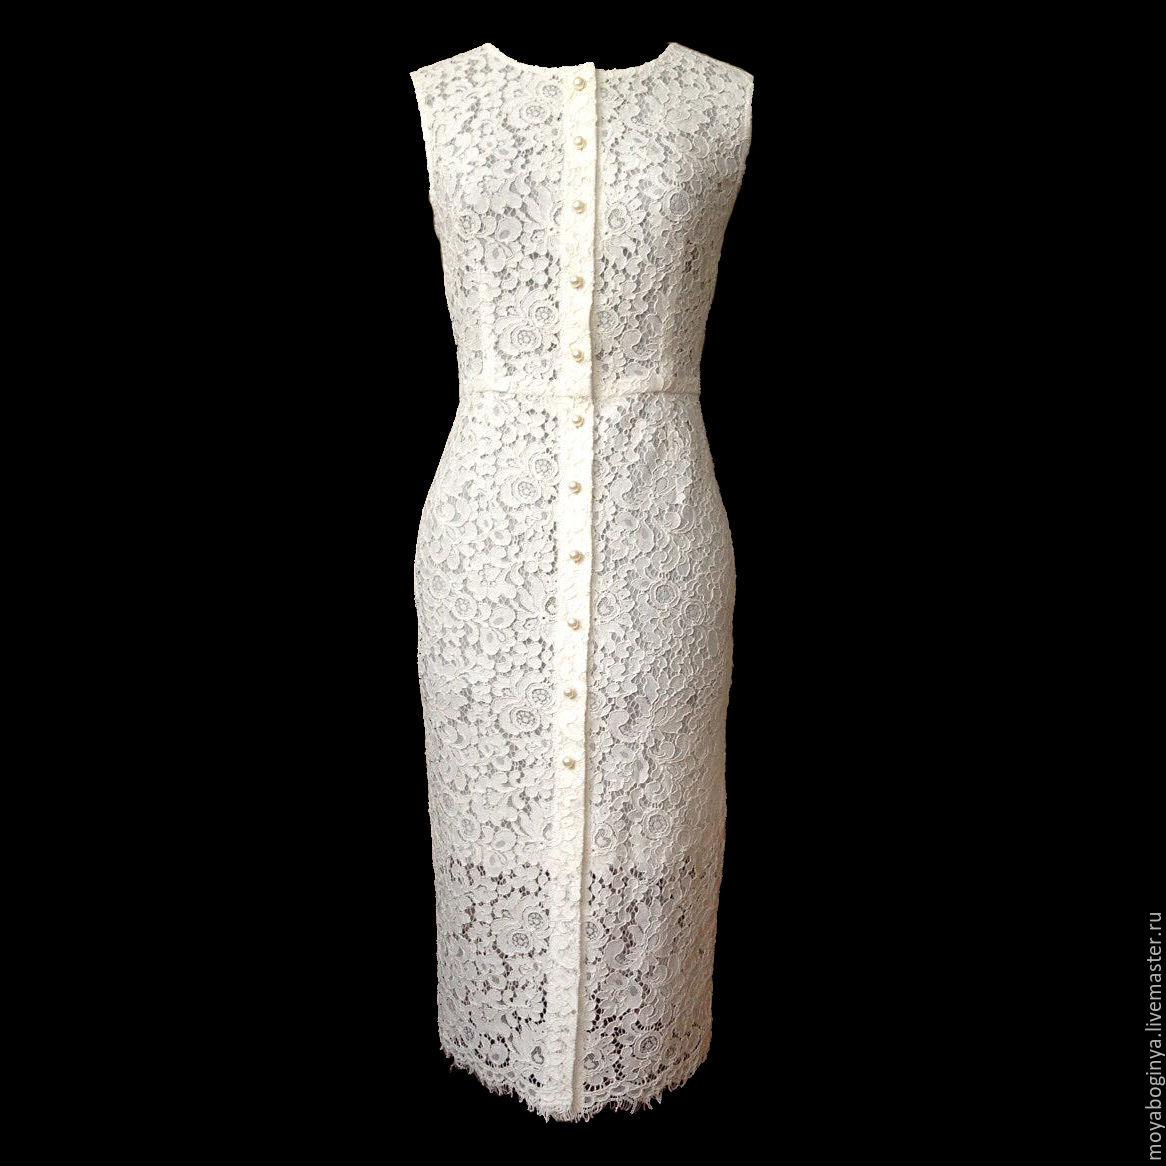 d1c934e3278 ручной работы. Ярмарка Мастеров - ручная работа. Купить платье из кружевного  полотна. Handmade